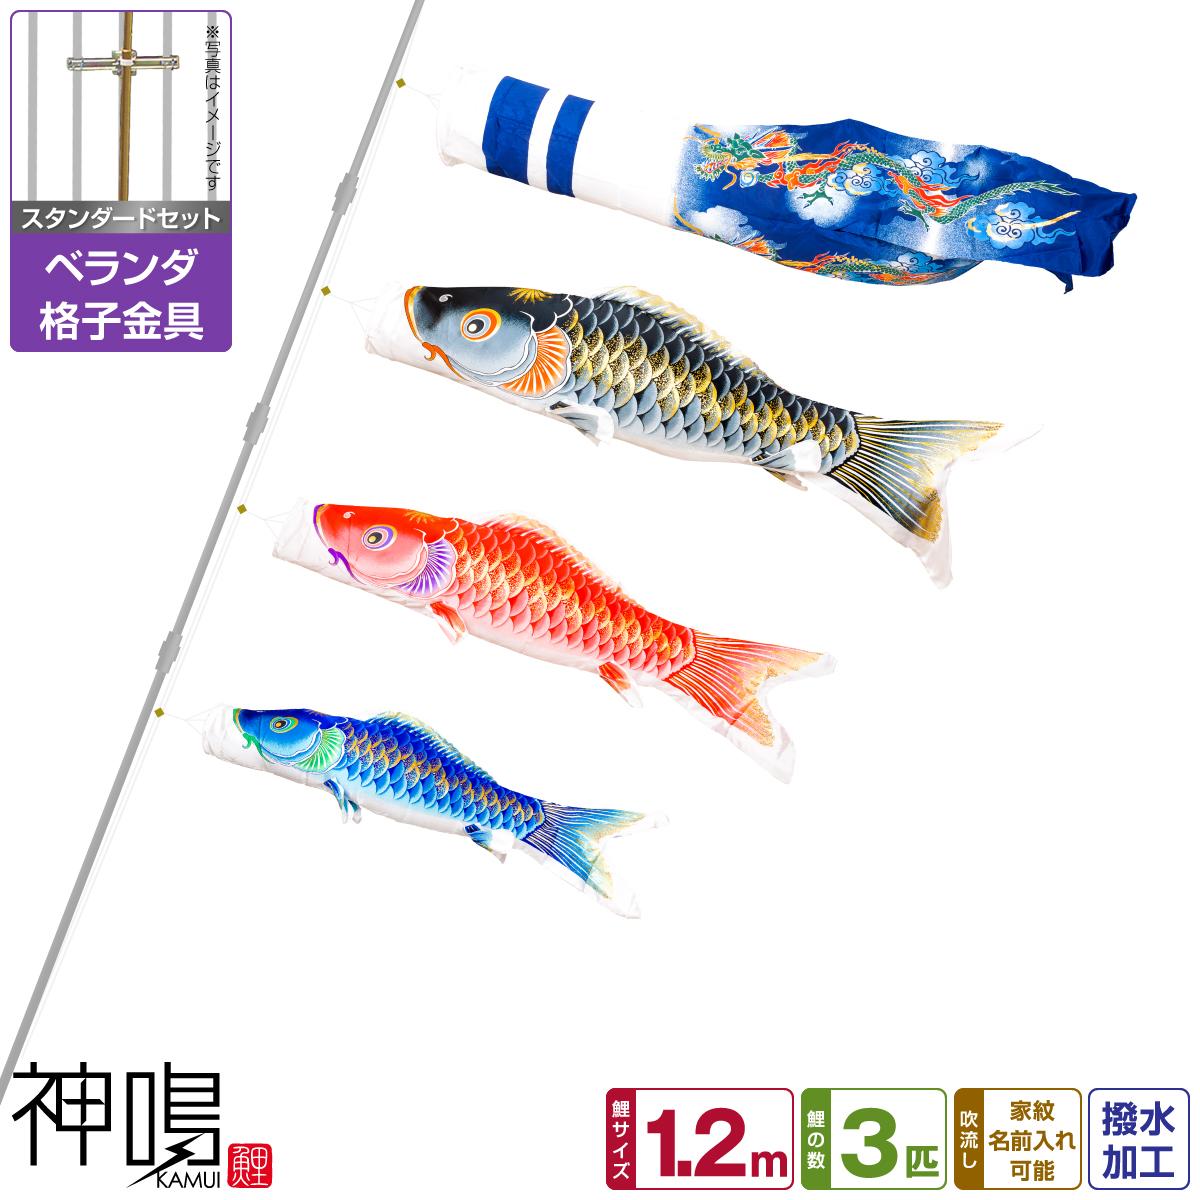 ベランダ用 鯉のぼり 神鳴鯉-KAMUI- 1.2m 6点(吹流し+鯉3匹+矢車+ロープ)/スタンダードセット(格子金具)